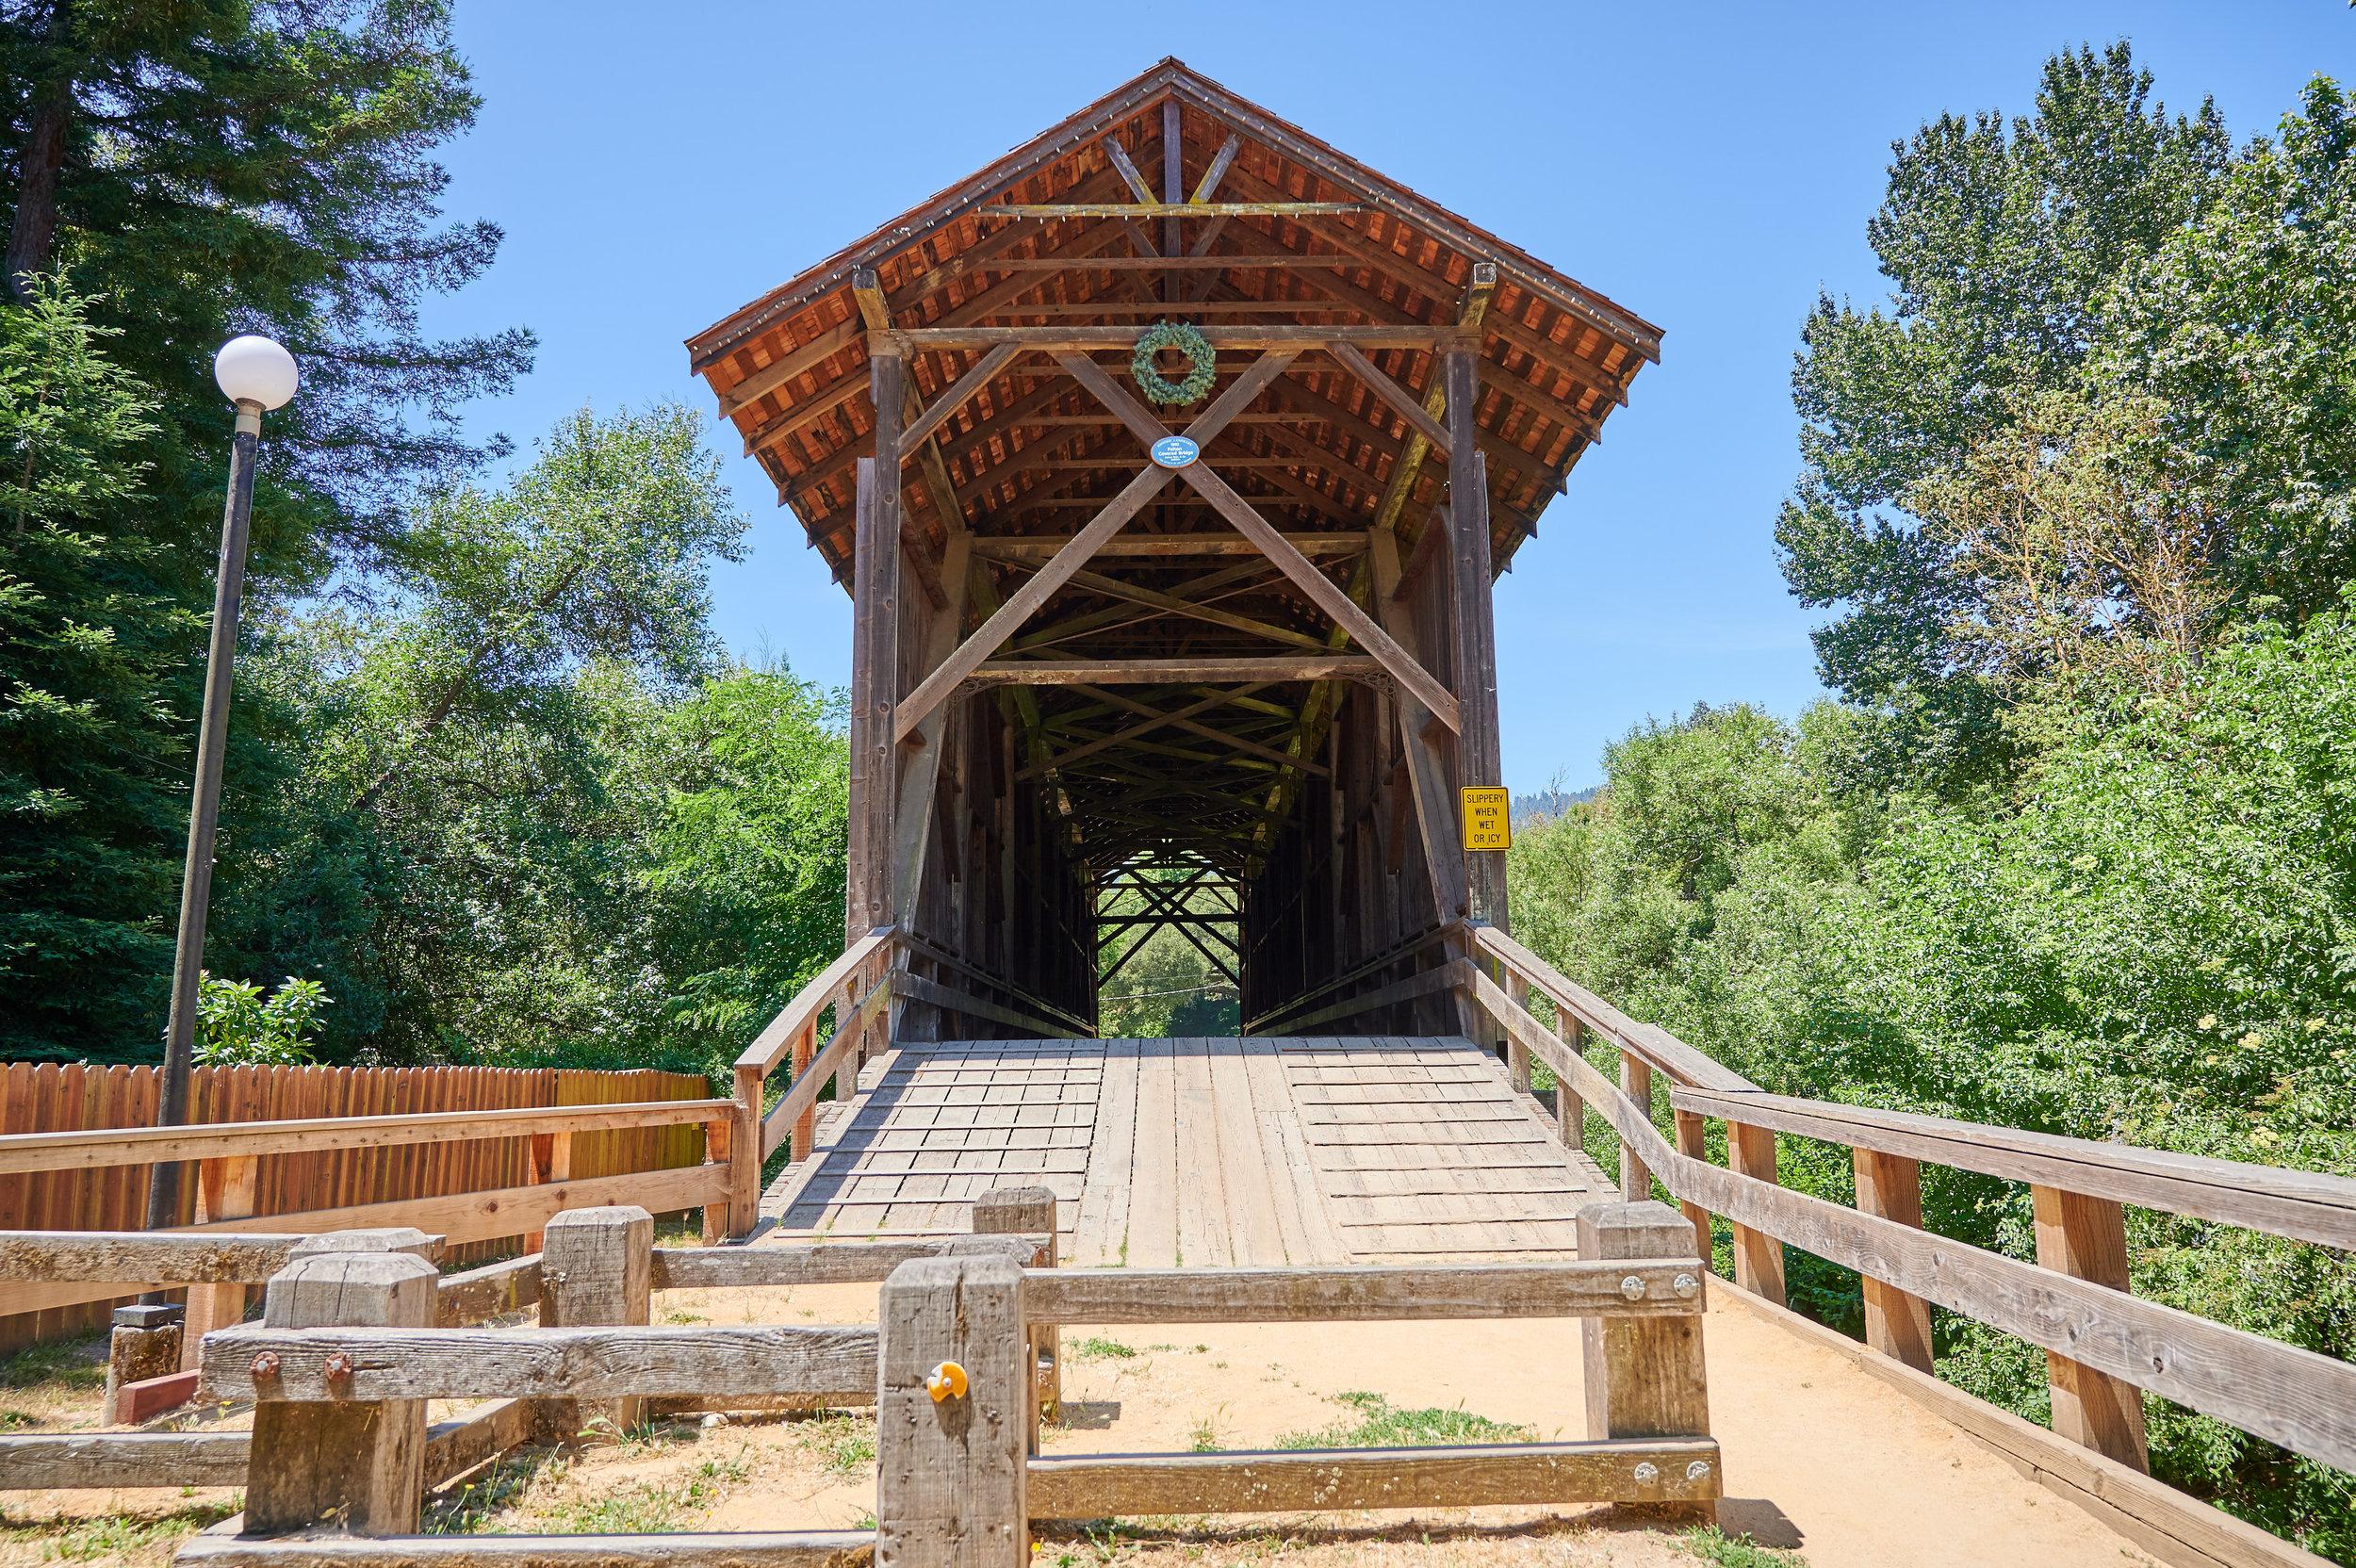 felton-guild-and-covered-bridge-2019-07-09-47.jpg